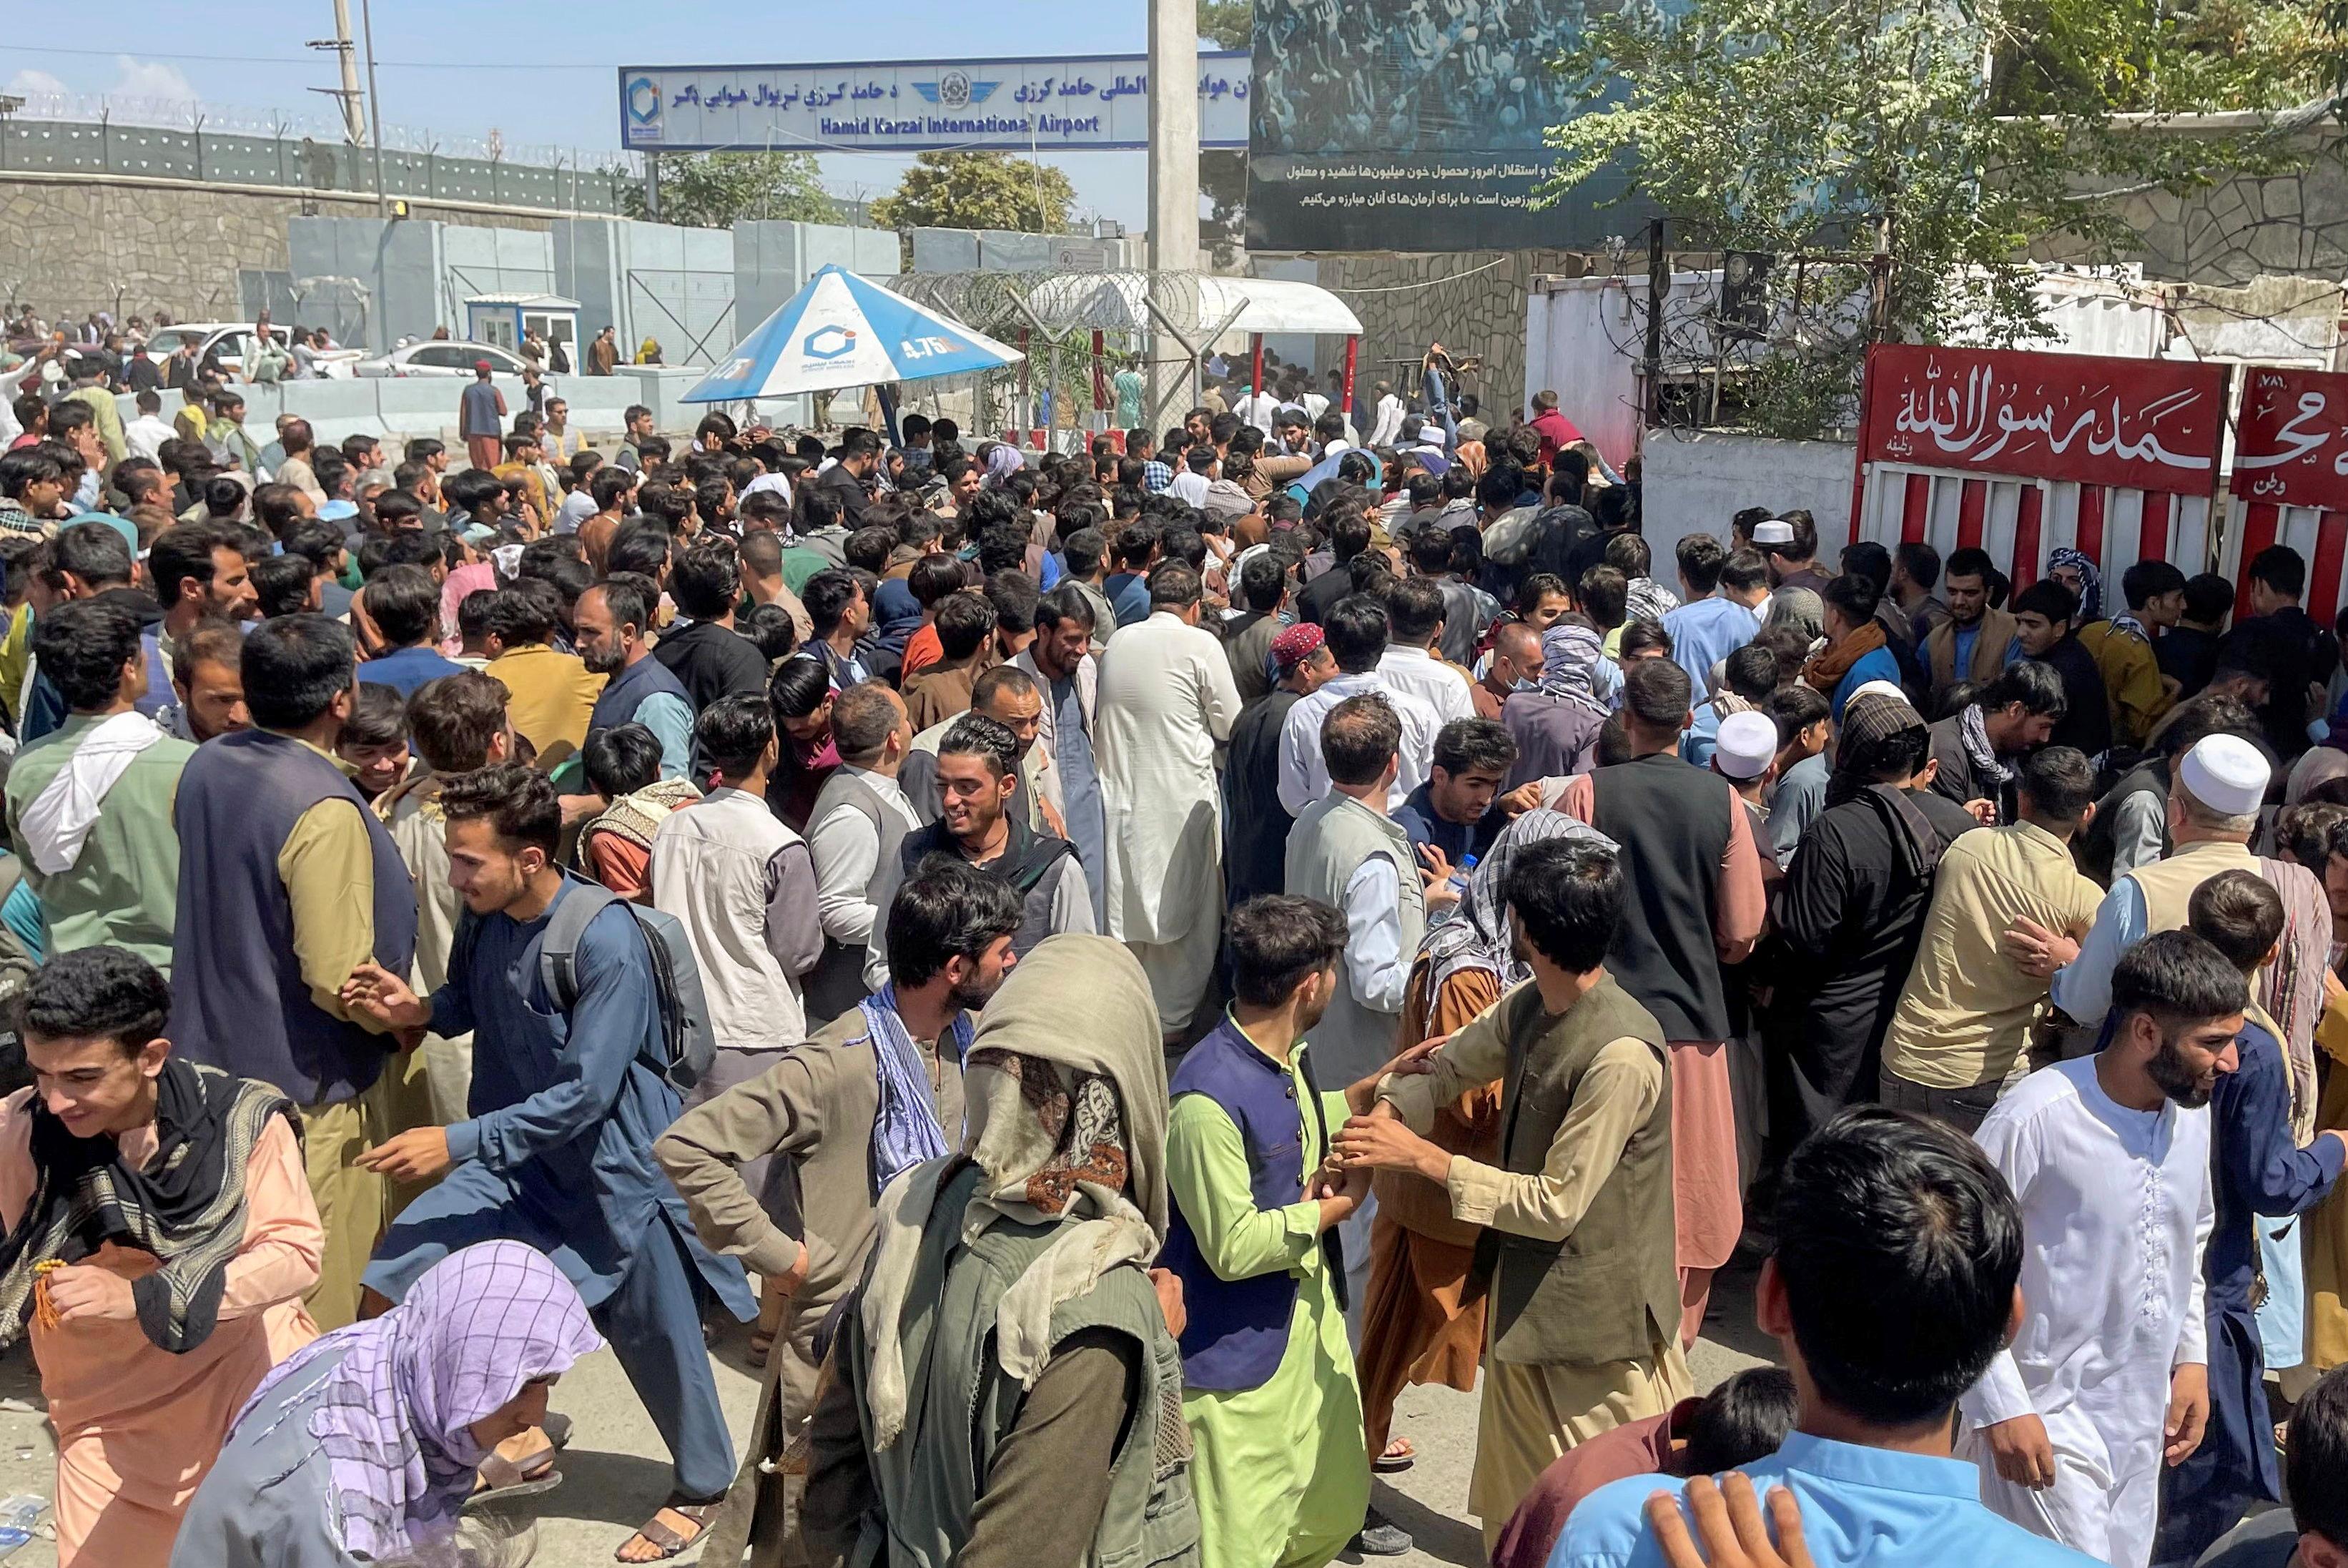 रविवार को तालिबान के काबुल पर कब्जा करने के बाद हामिद करजई इंटरनेशनल एयरपोर्ट पर लोगों की भीड़ बढ़ गई। तस्वीर में एयरपोर्ट के अंदर घुसने की कोशिश करते लोग।